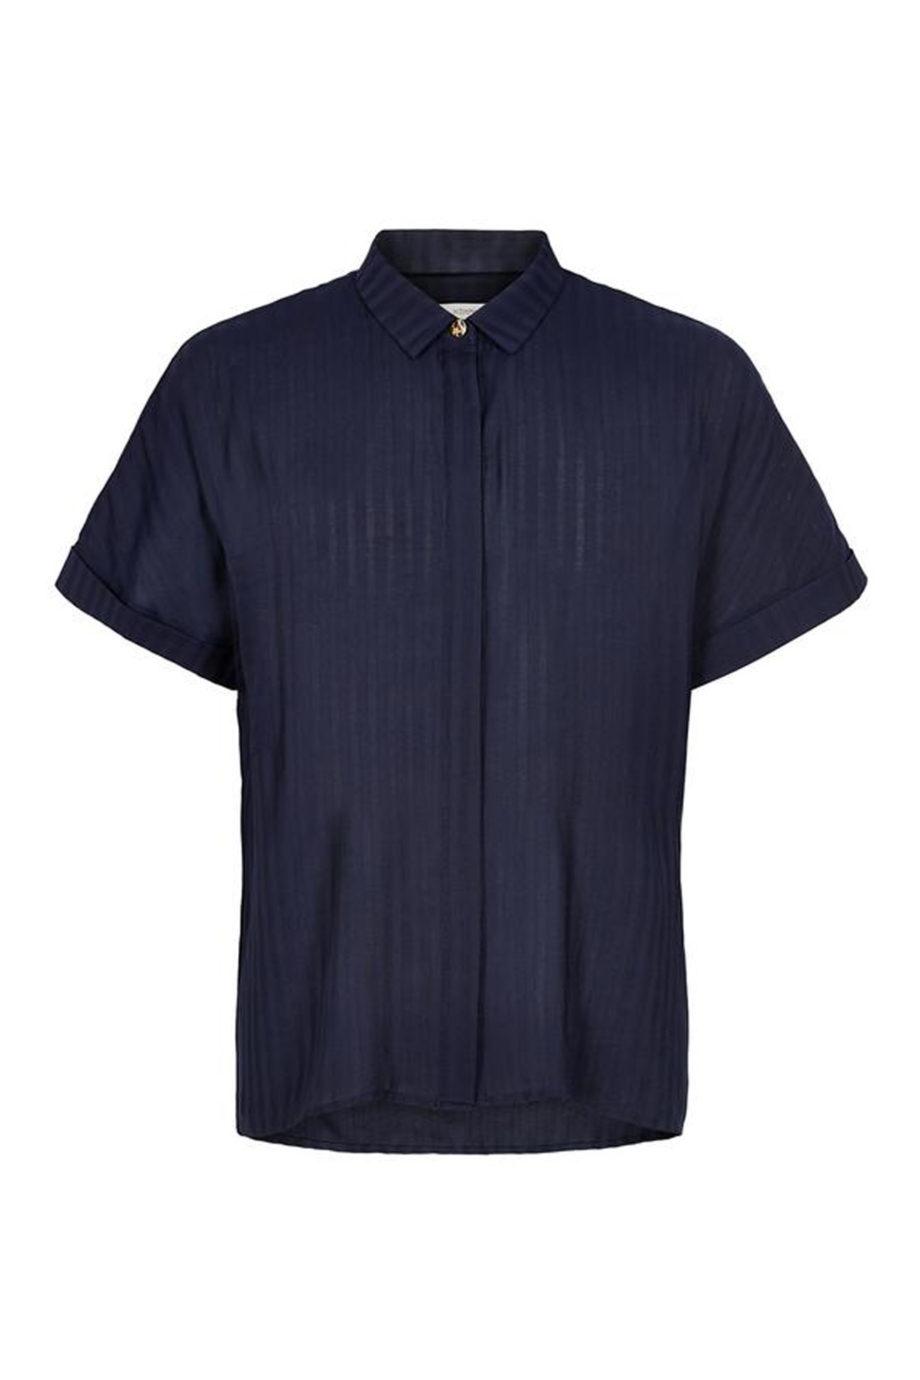 numph-camisa-azul-marino-mahalia